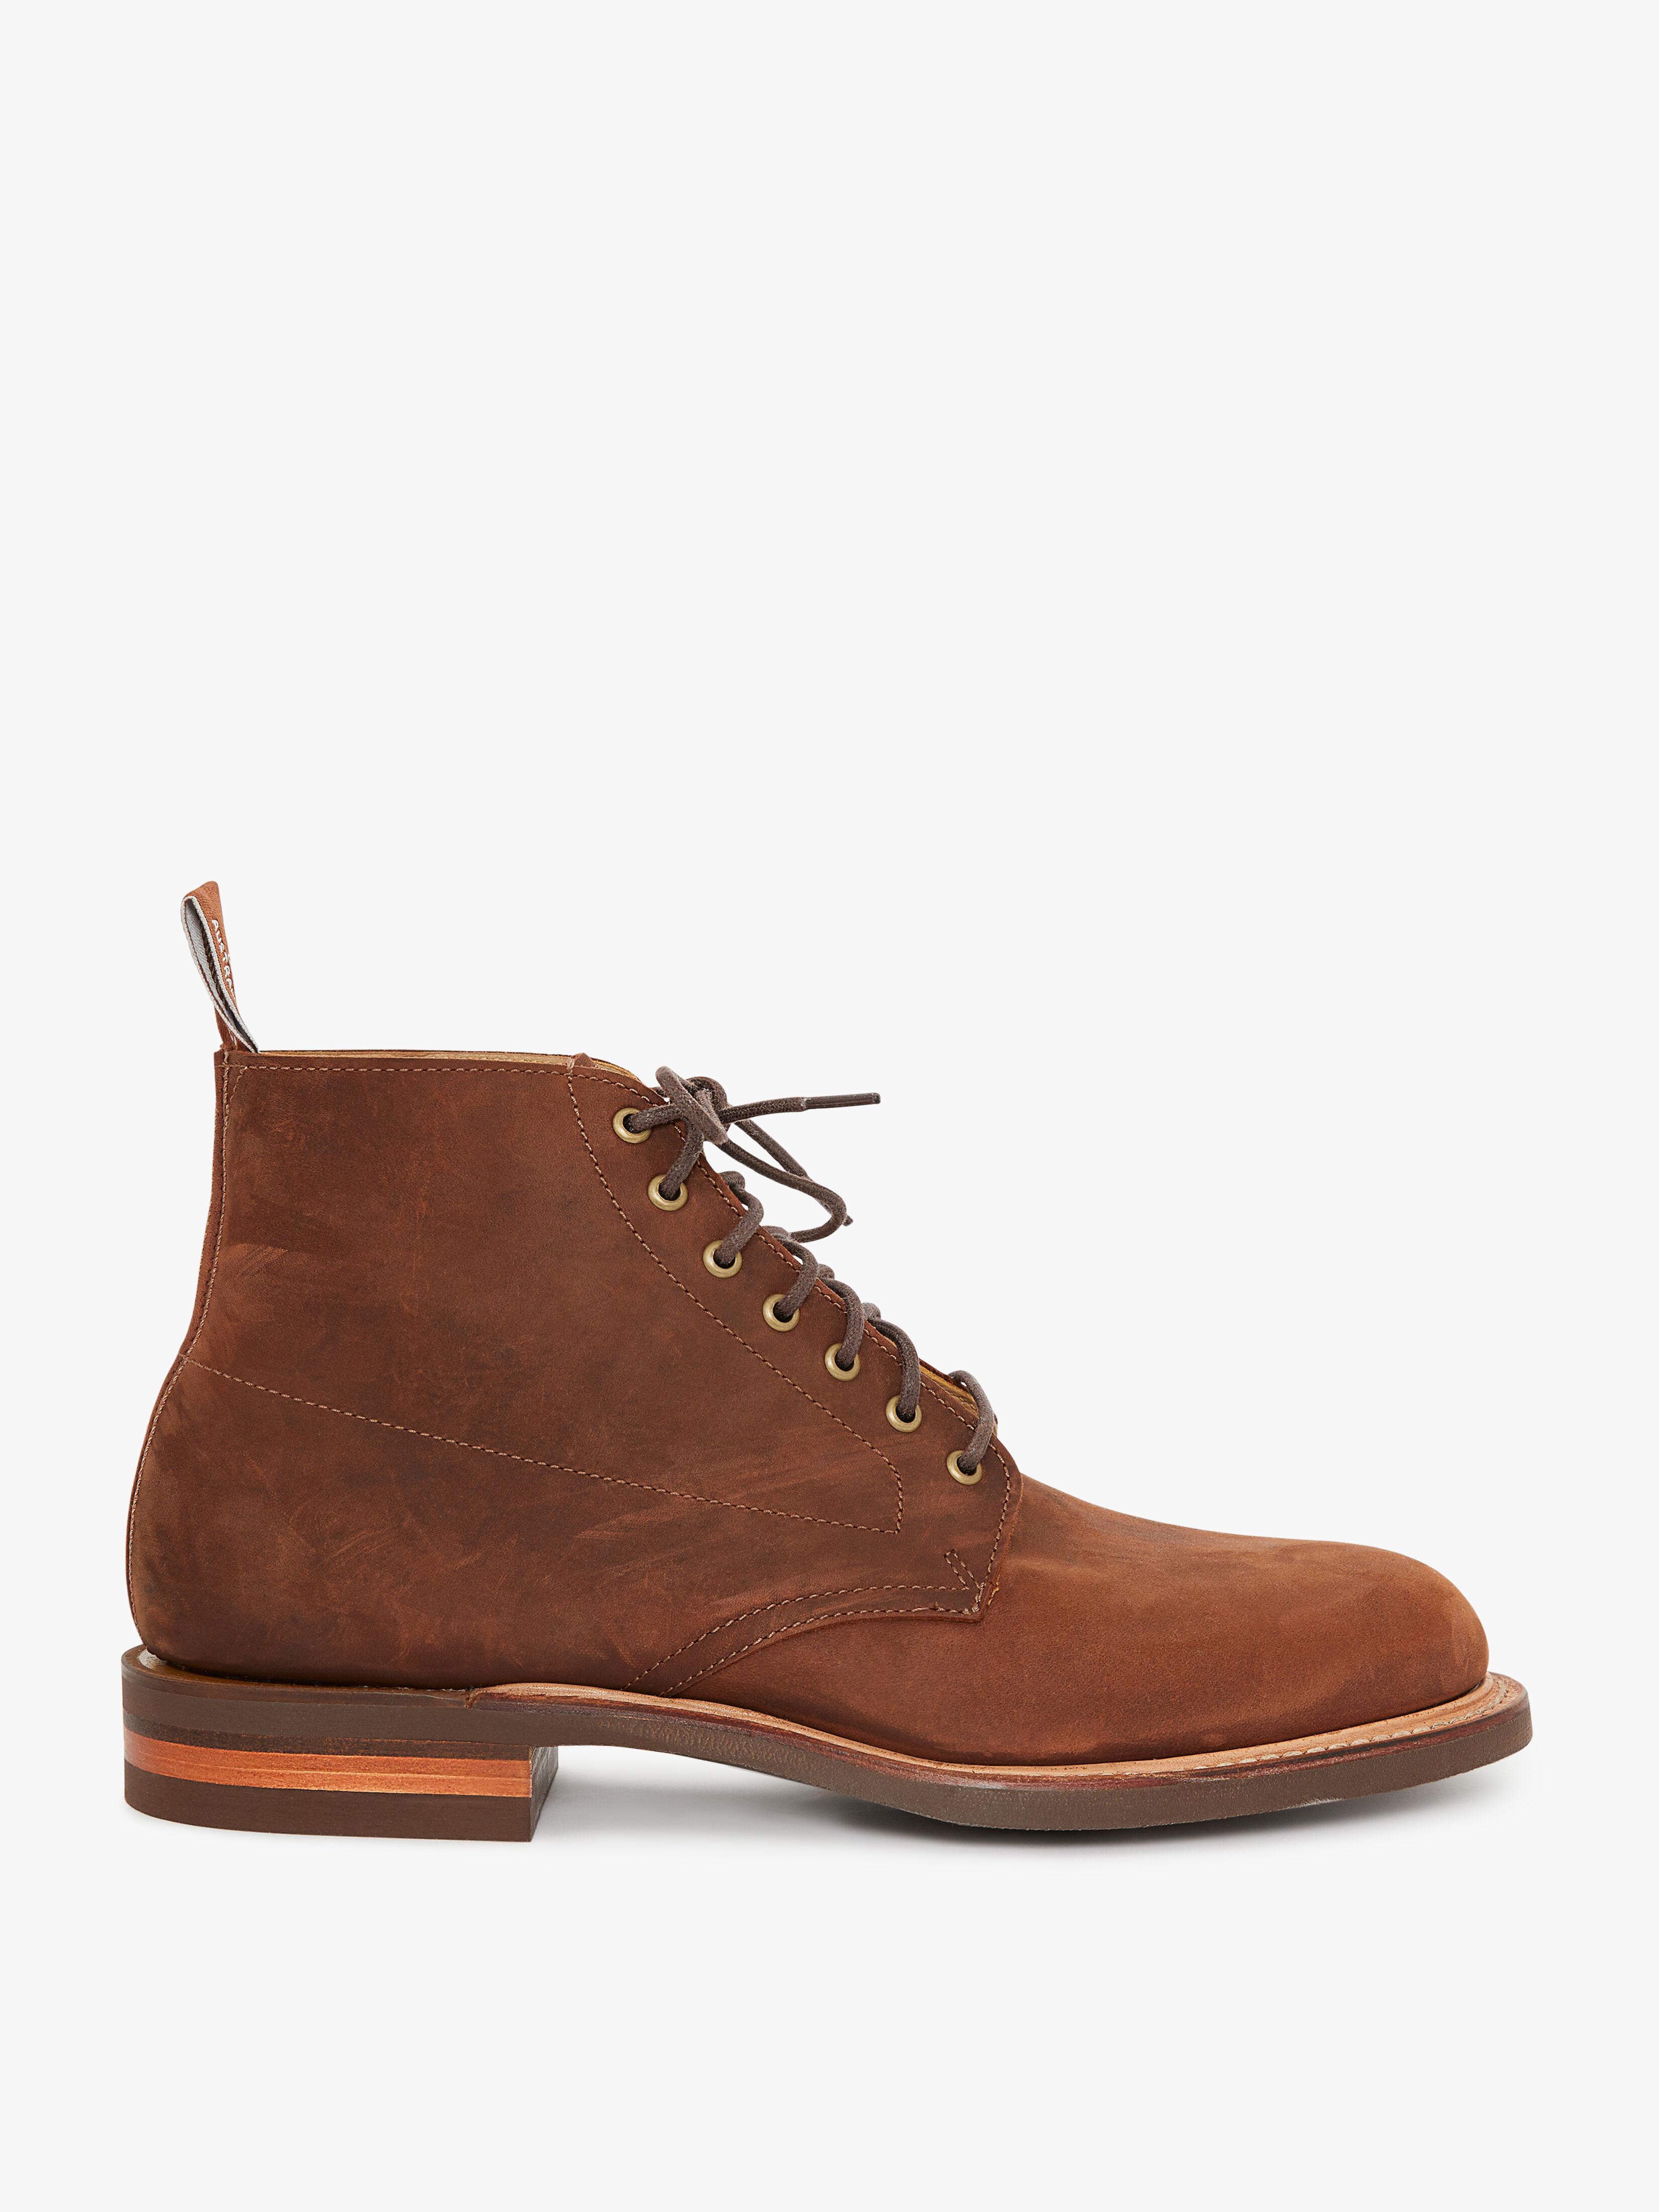 mens black lace up boots australia